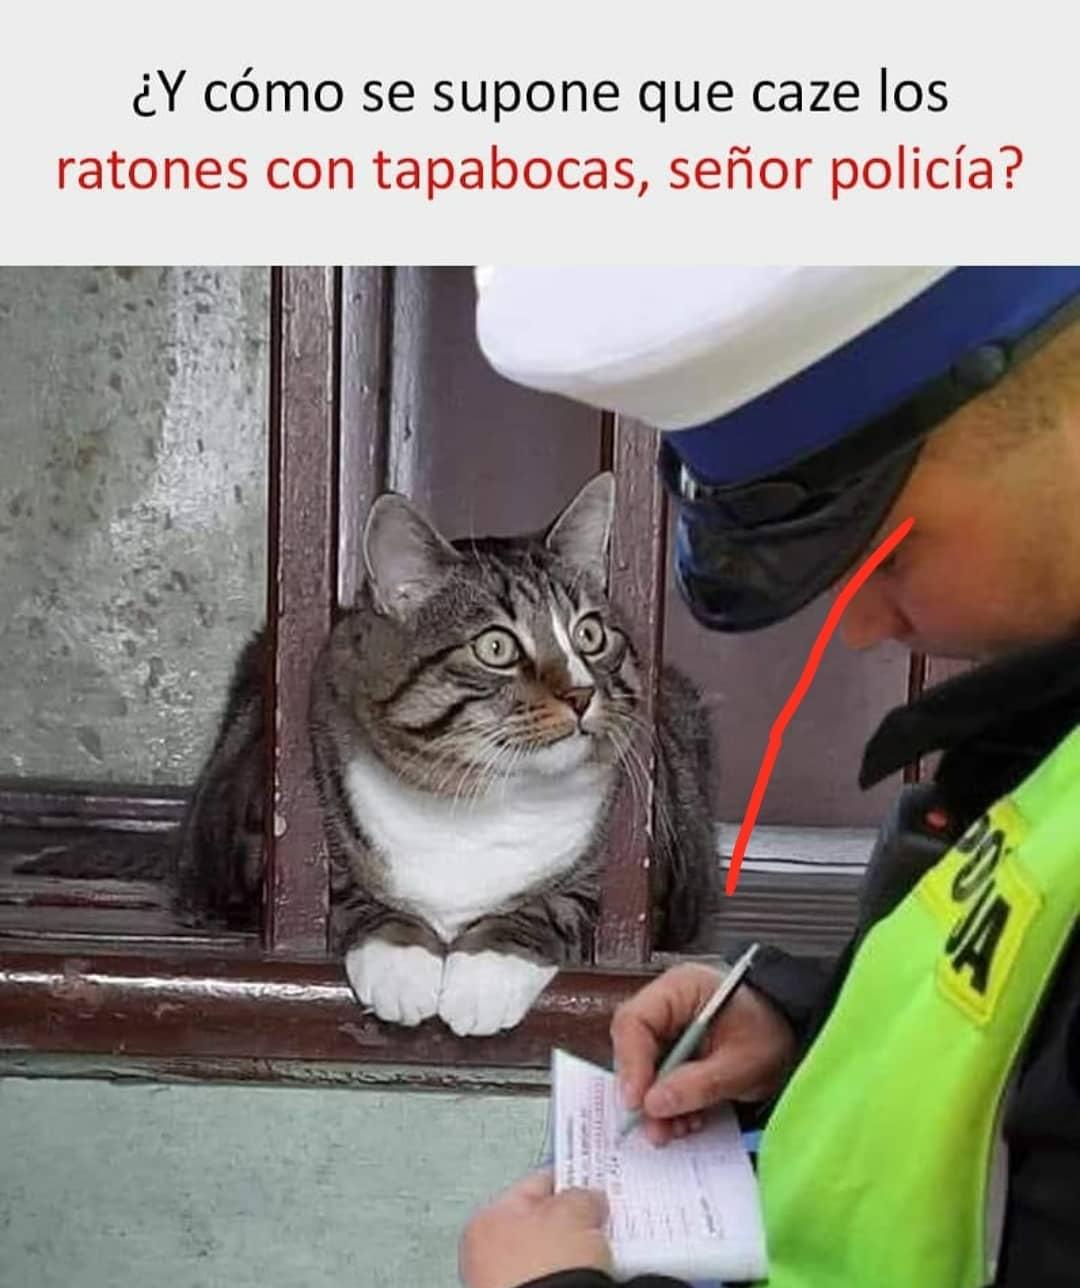 ¿Y cómo se supone que caze los ratones con tapabocas, señor policía?